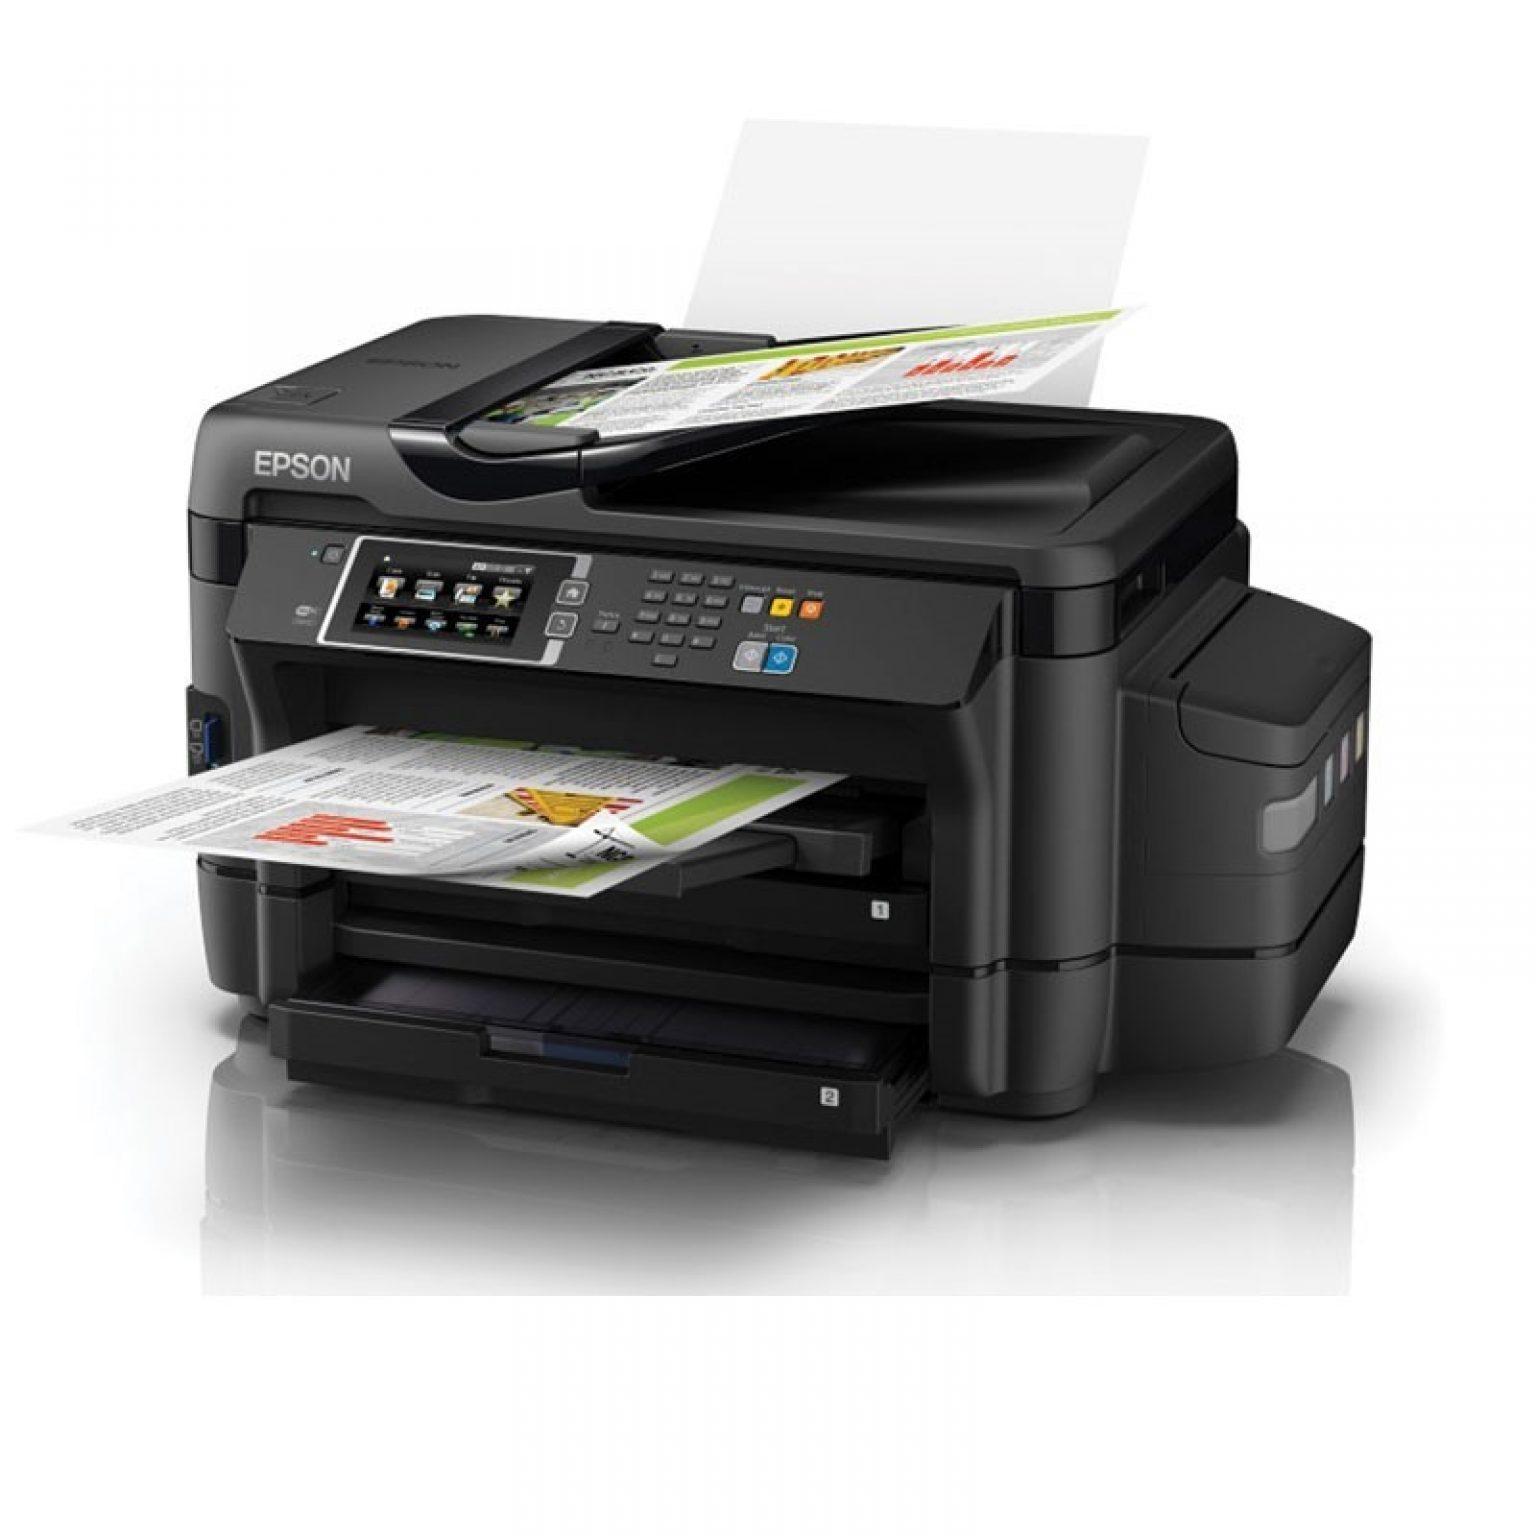 EPSON - L1455 A3 Ink Tank Printer